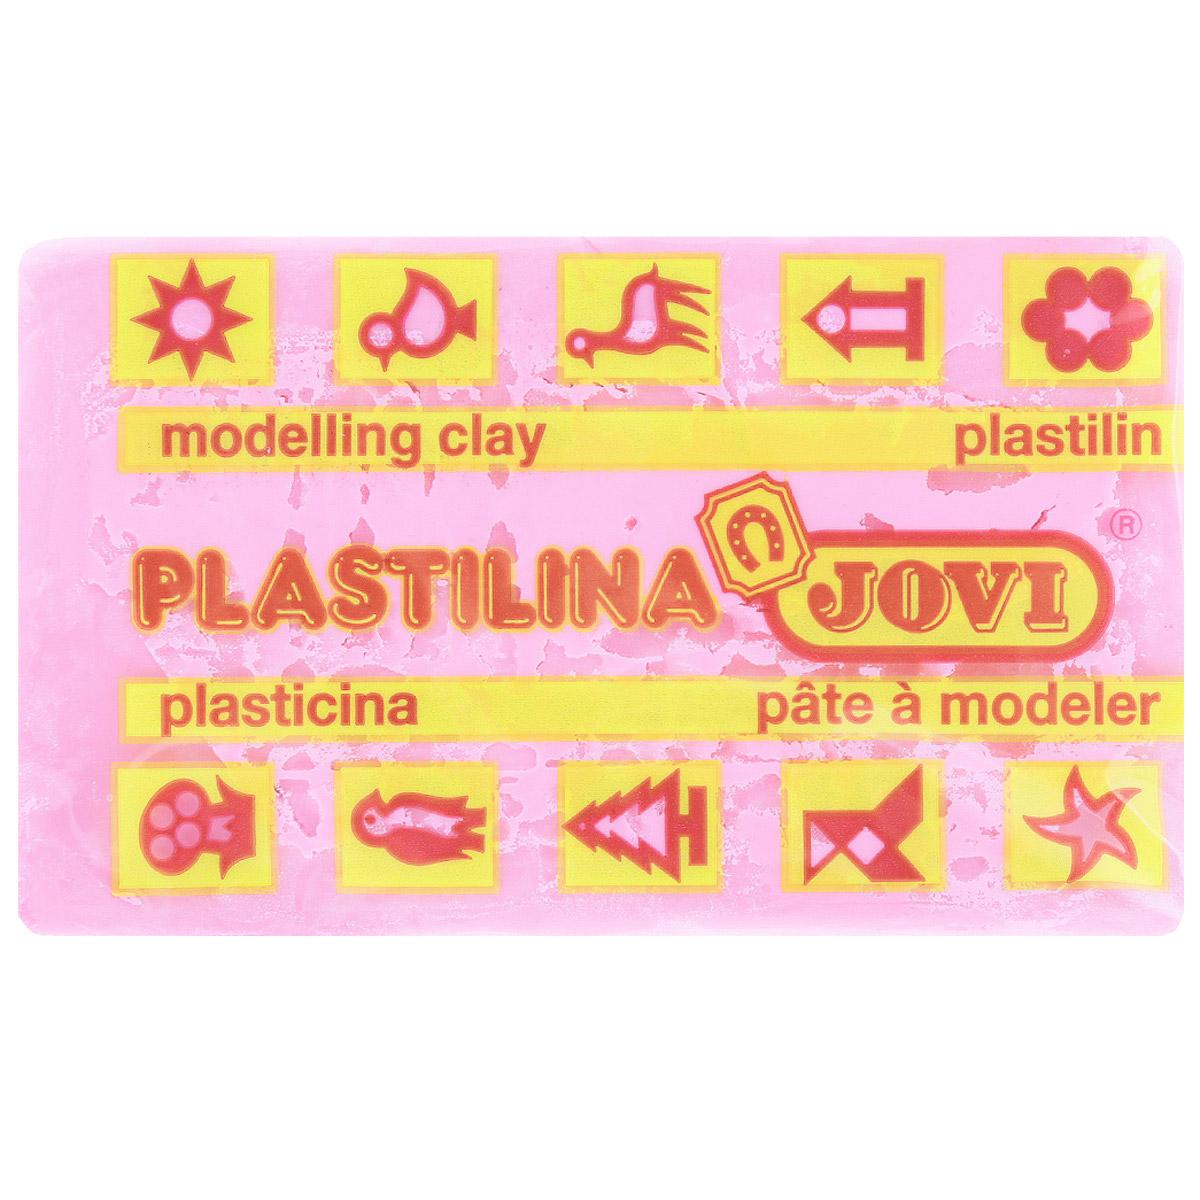 Jovi Пластилин флюоресцентный цвет ярко-розовый 50 г72523WDПластилин Jovi - лучший выбор для лепки, он обладает превосходными изобразительными возможностями и поэтому дает простор воображению и самым смелым творческим замыслам. Пластилин, изготовленный на растительной основе, очень мягкий, легко разминается и смешивается, не пачкает руки и не прилипает к рабочей поверхности. Пластилин пригоден для создания аппликаций и поделок, ручной лепки, моделирования на каркасе, пластилиновой живописи - рисовании пластилином по бумаге, картону, дереву или текстилю. Пластические свойства сохраняются в течение 5 лет.